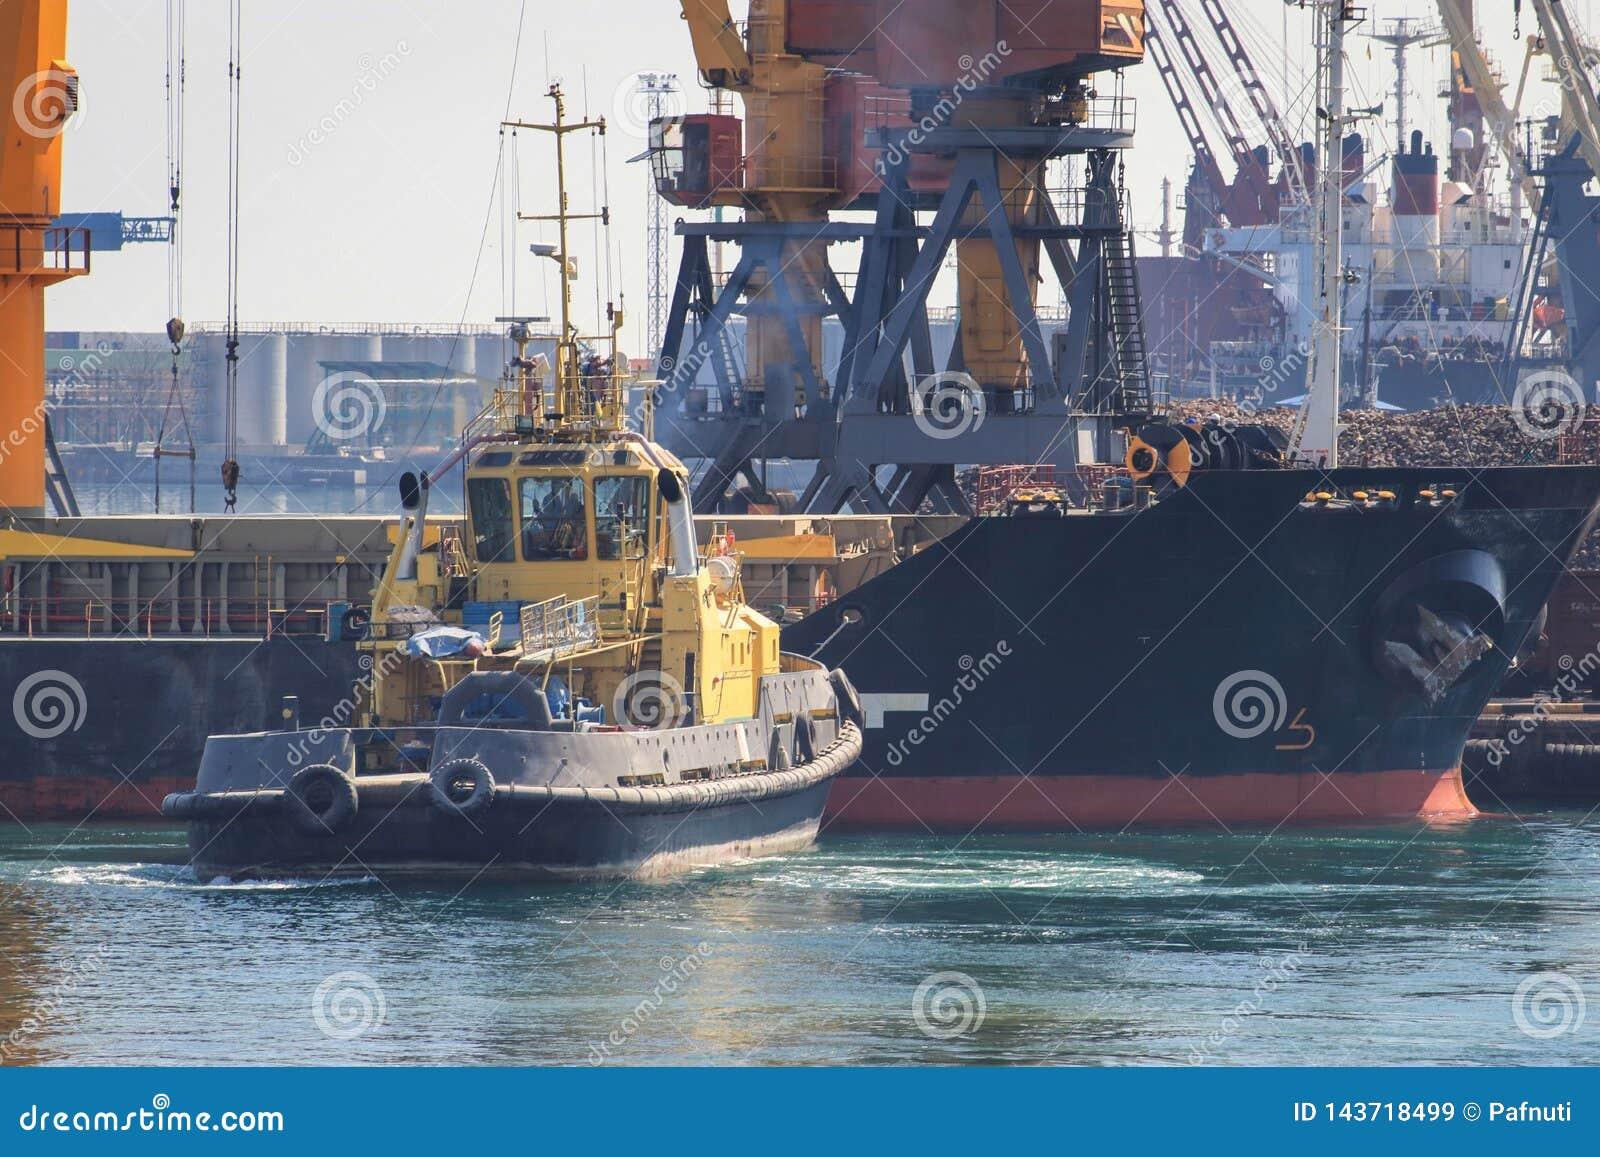 Remolcador en el arco del buque de carga, ayudando al buque para maniobrar